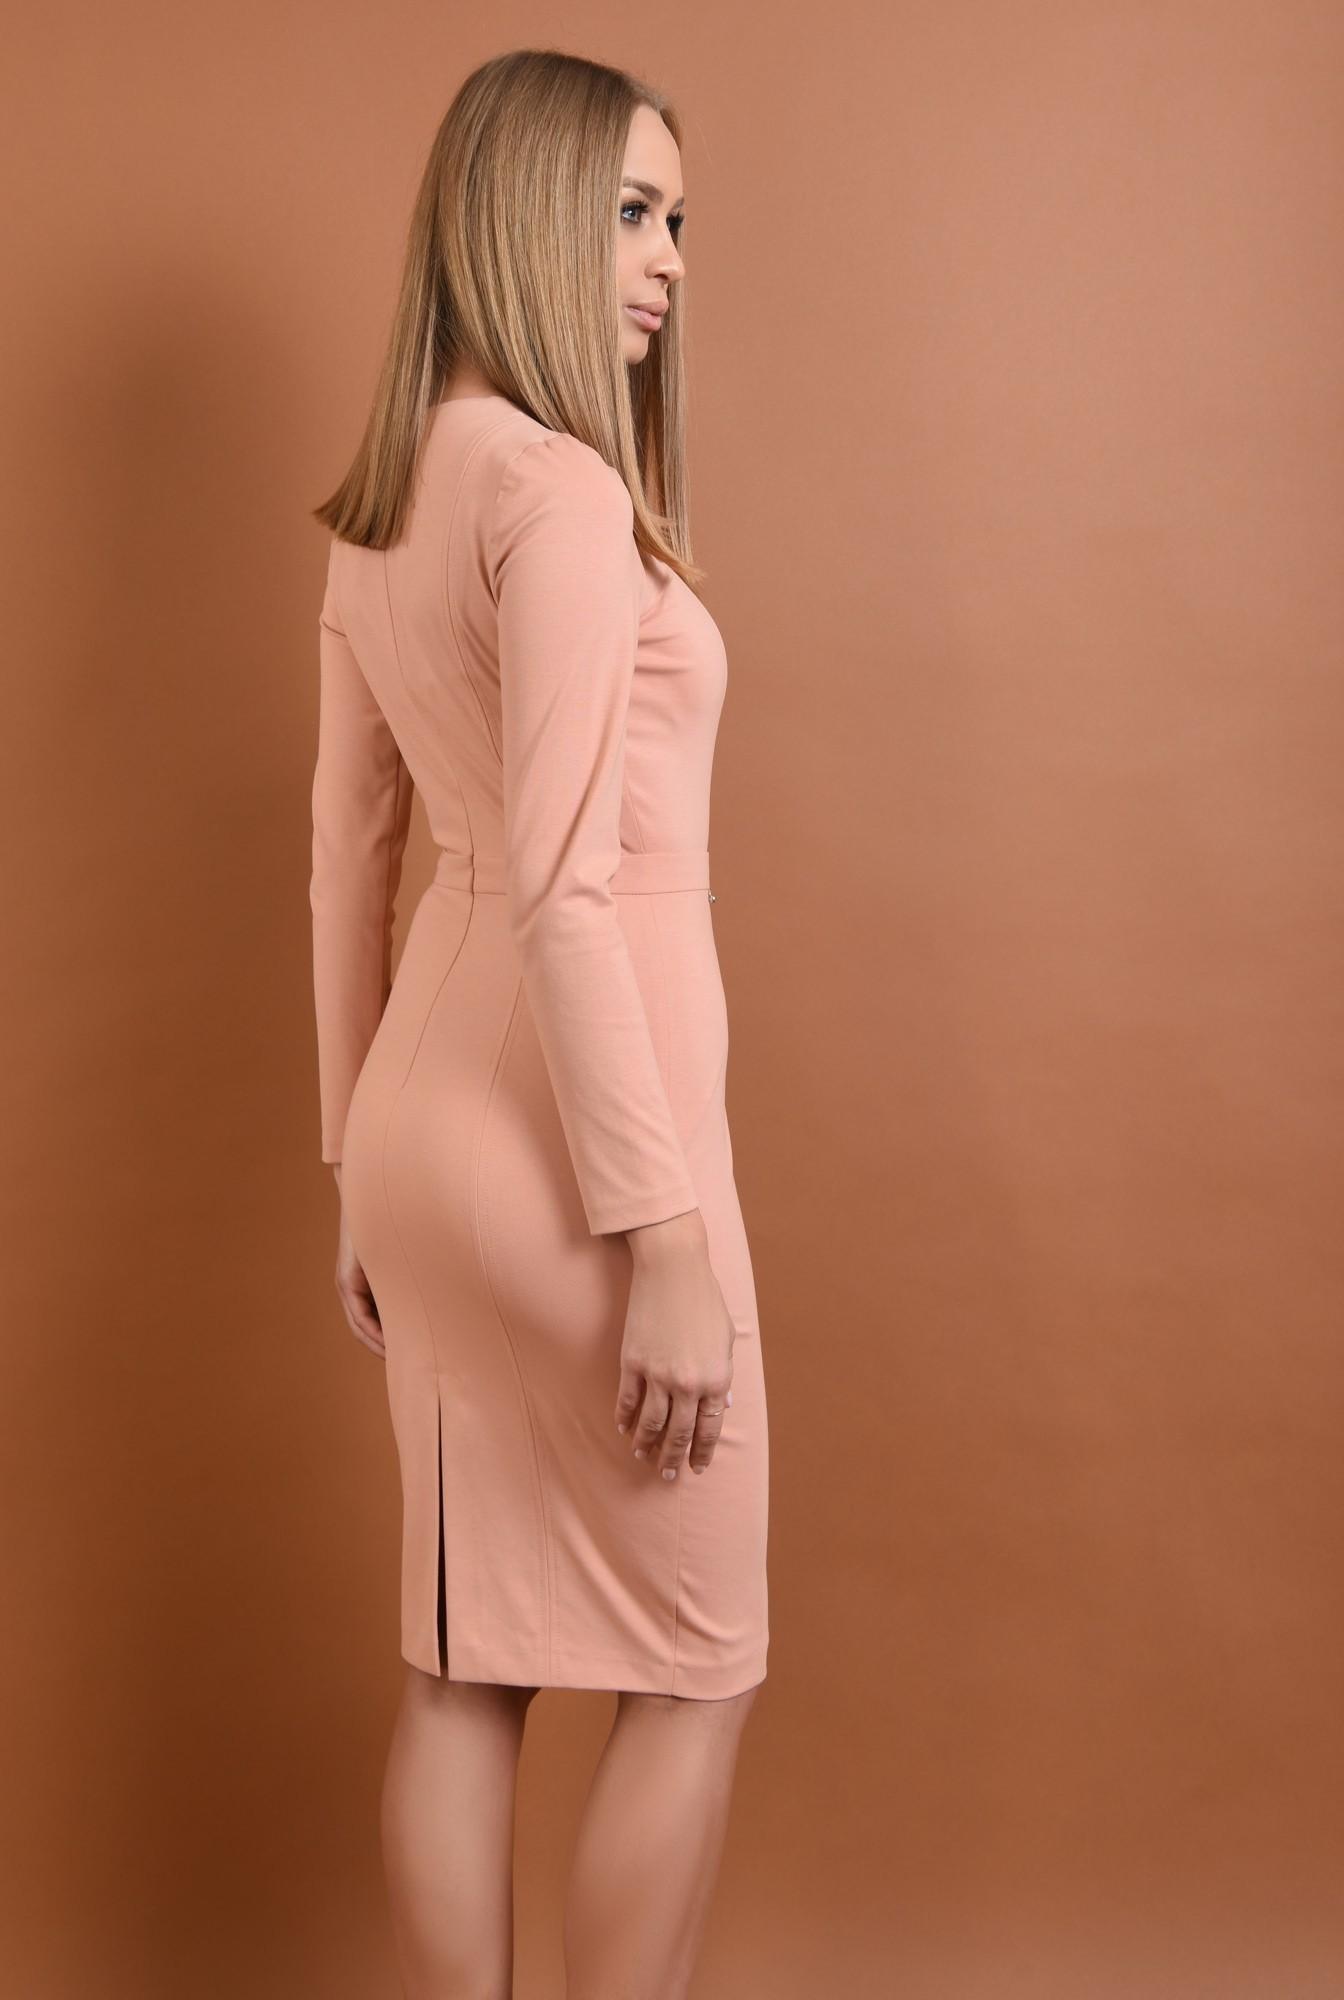 1 - rochie casual, conica, midi, roz piersica, maneci lungi